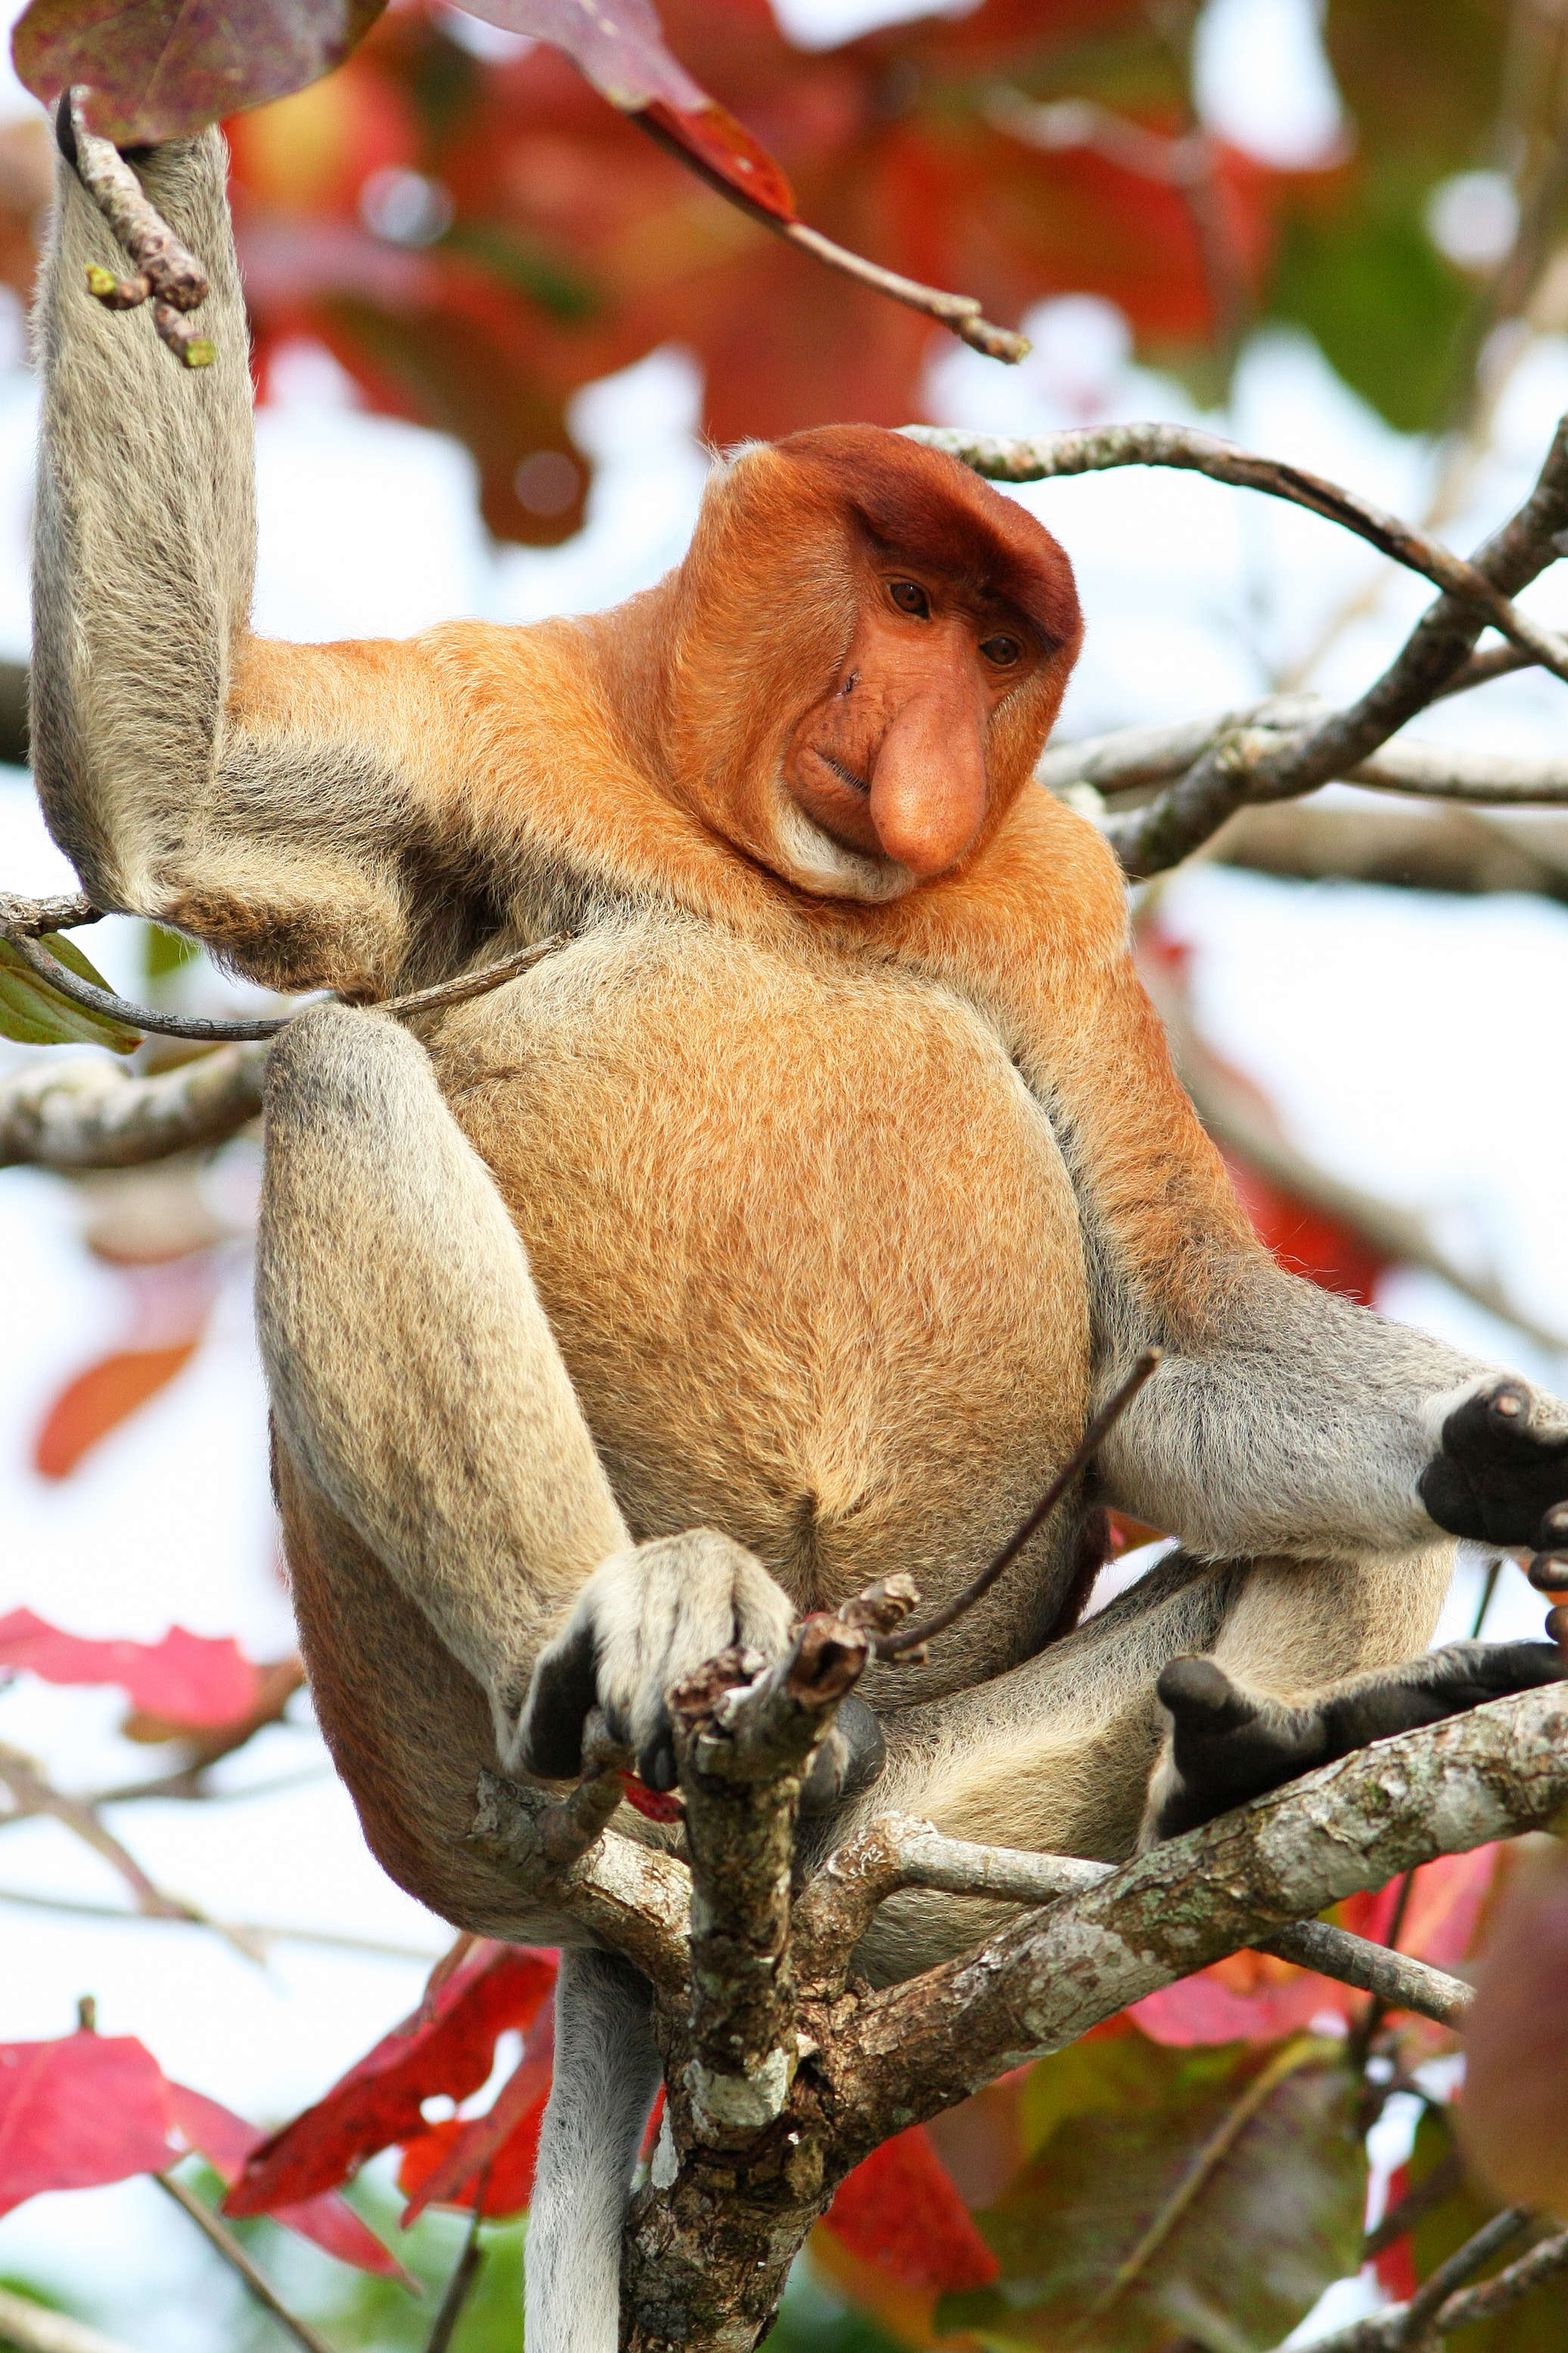 Kahau nosatí v Zátoce představují 5 % doposud známé celobornejské (rozuměj celosvětové) populace tohoto druhu, což ji řadí k 7 nejpočetnějším známým populacím kahau nosatých na Borneu. - foto Petr Šrámek